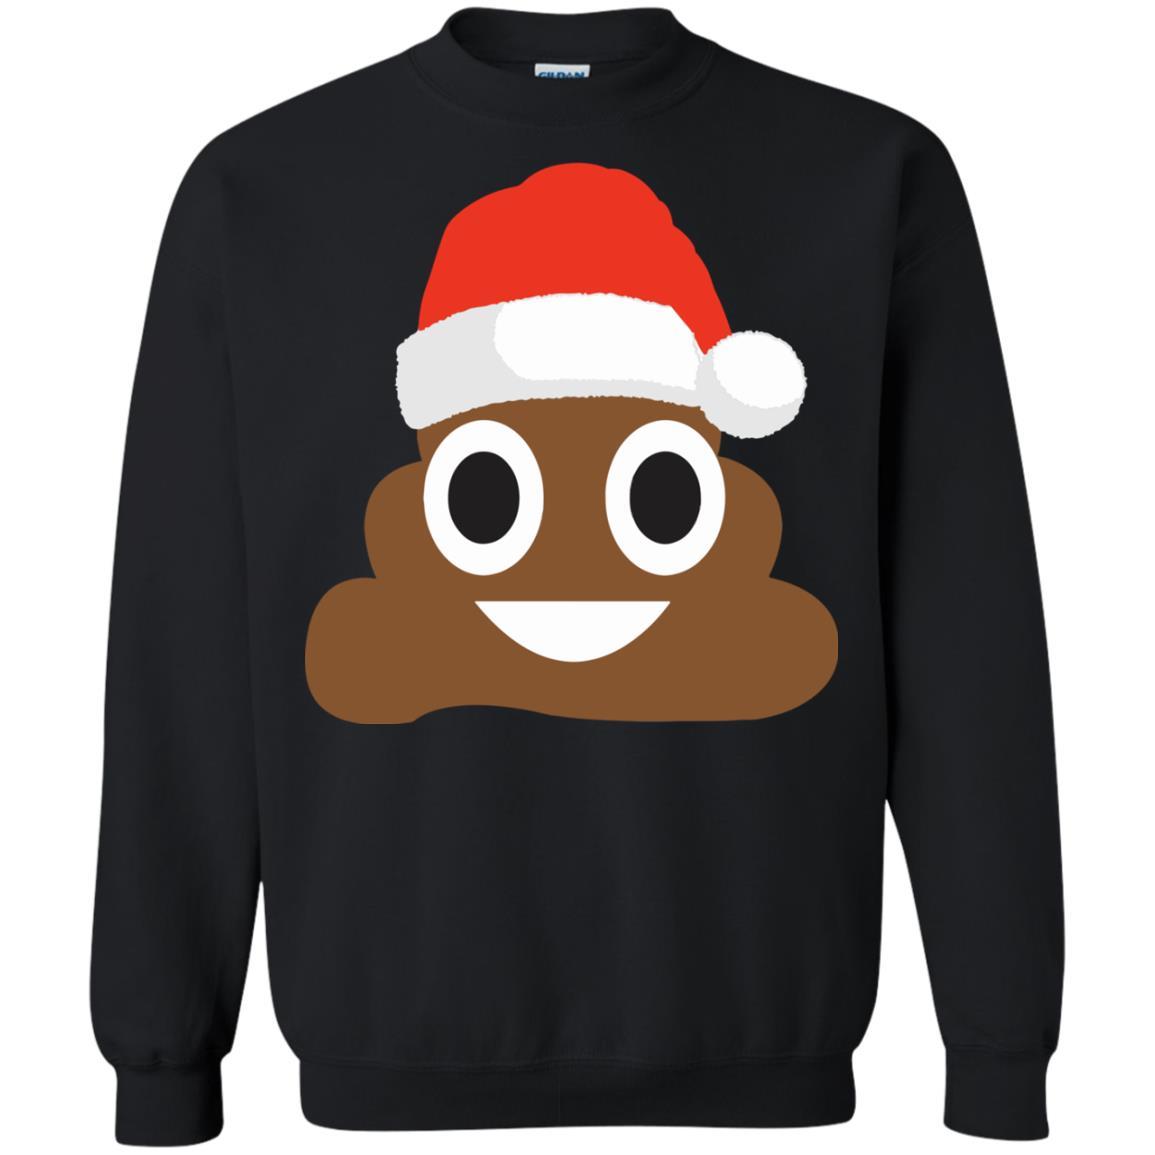 image 4364 - Funny Poop Emoji Christmas Ugly Sweatshirt, Hoodie